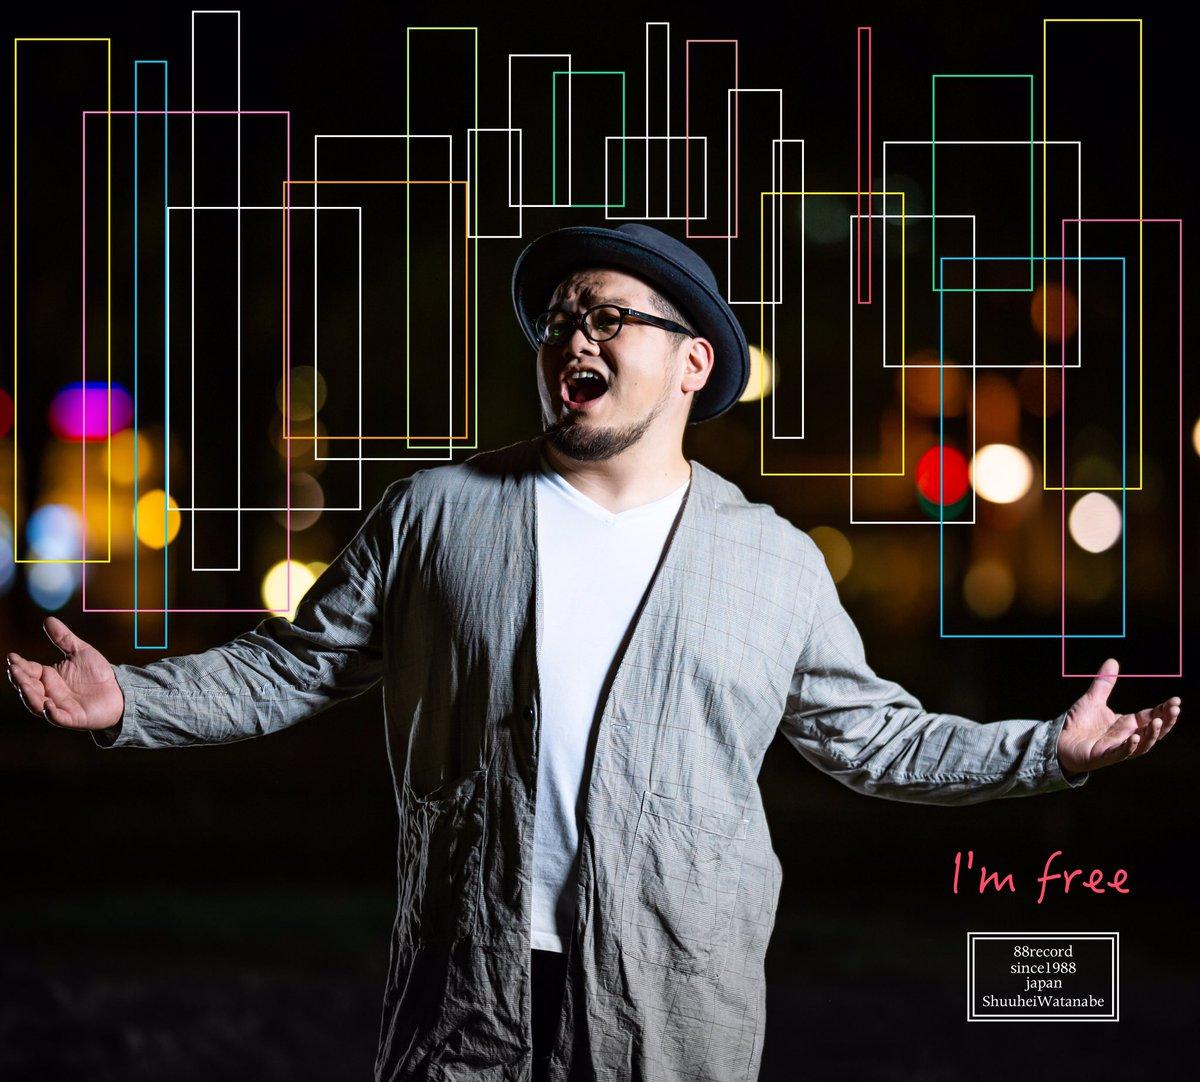 『ワタナベシュウヘイI'm free』収録の『I'm free』ジャケット